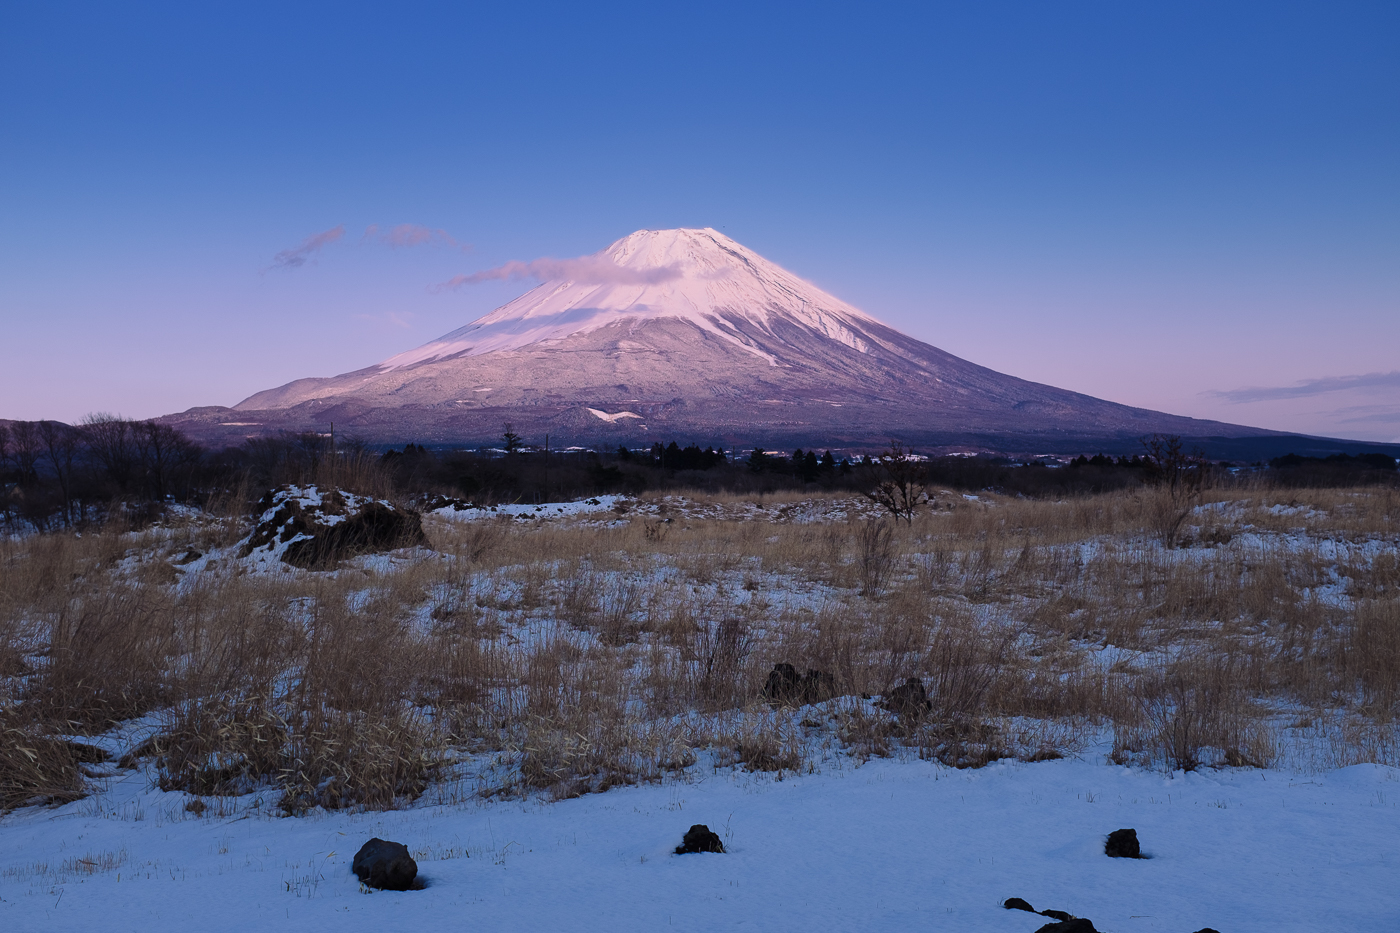 Le coucher de soleil colore en rose l'imposant Mont Fuji